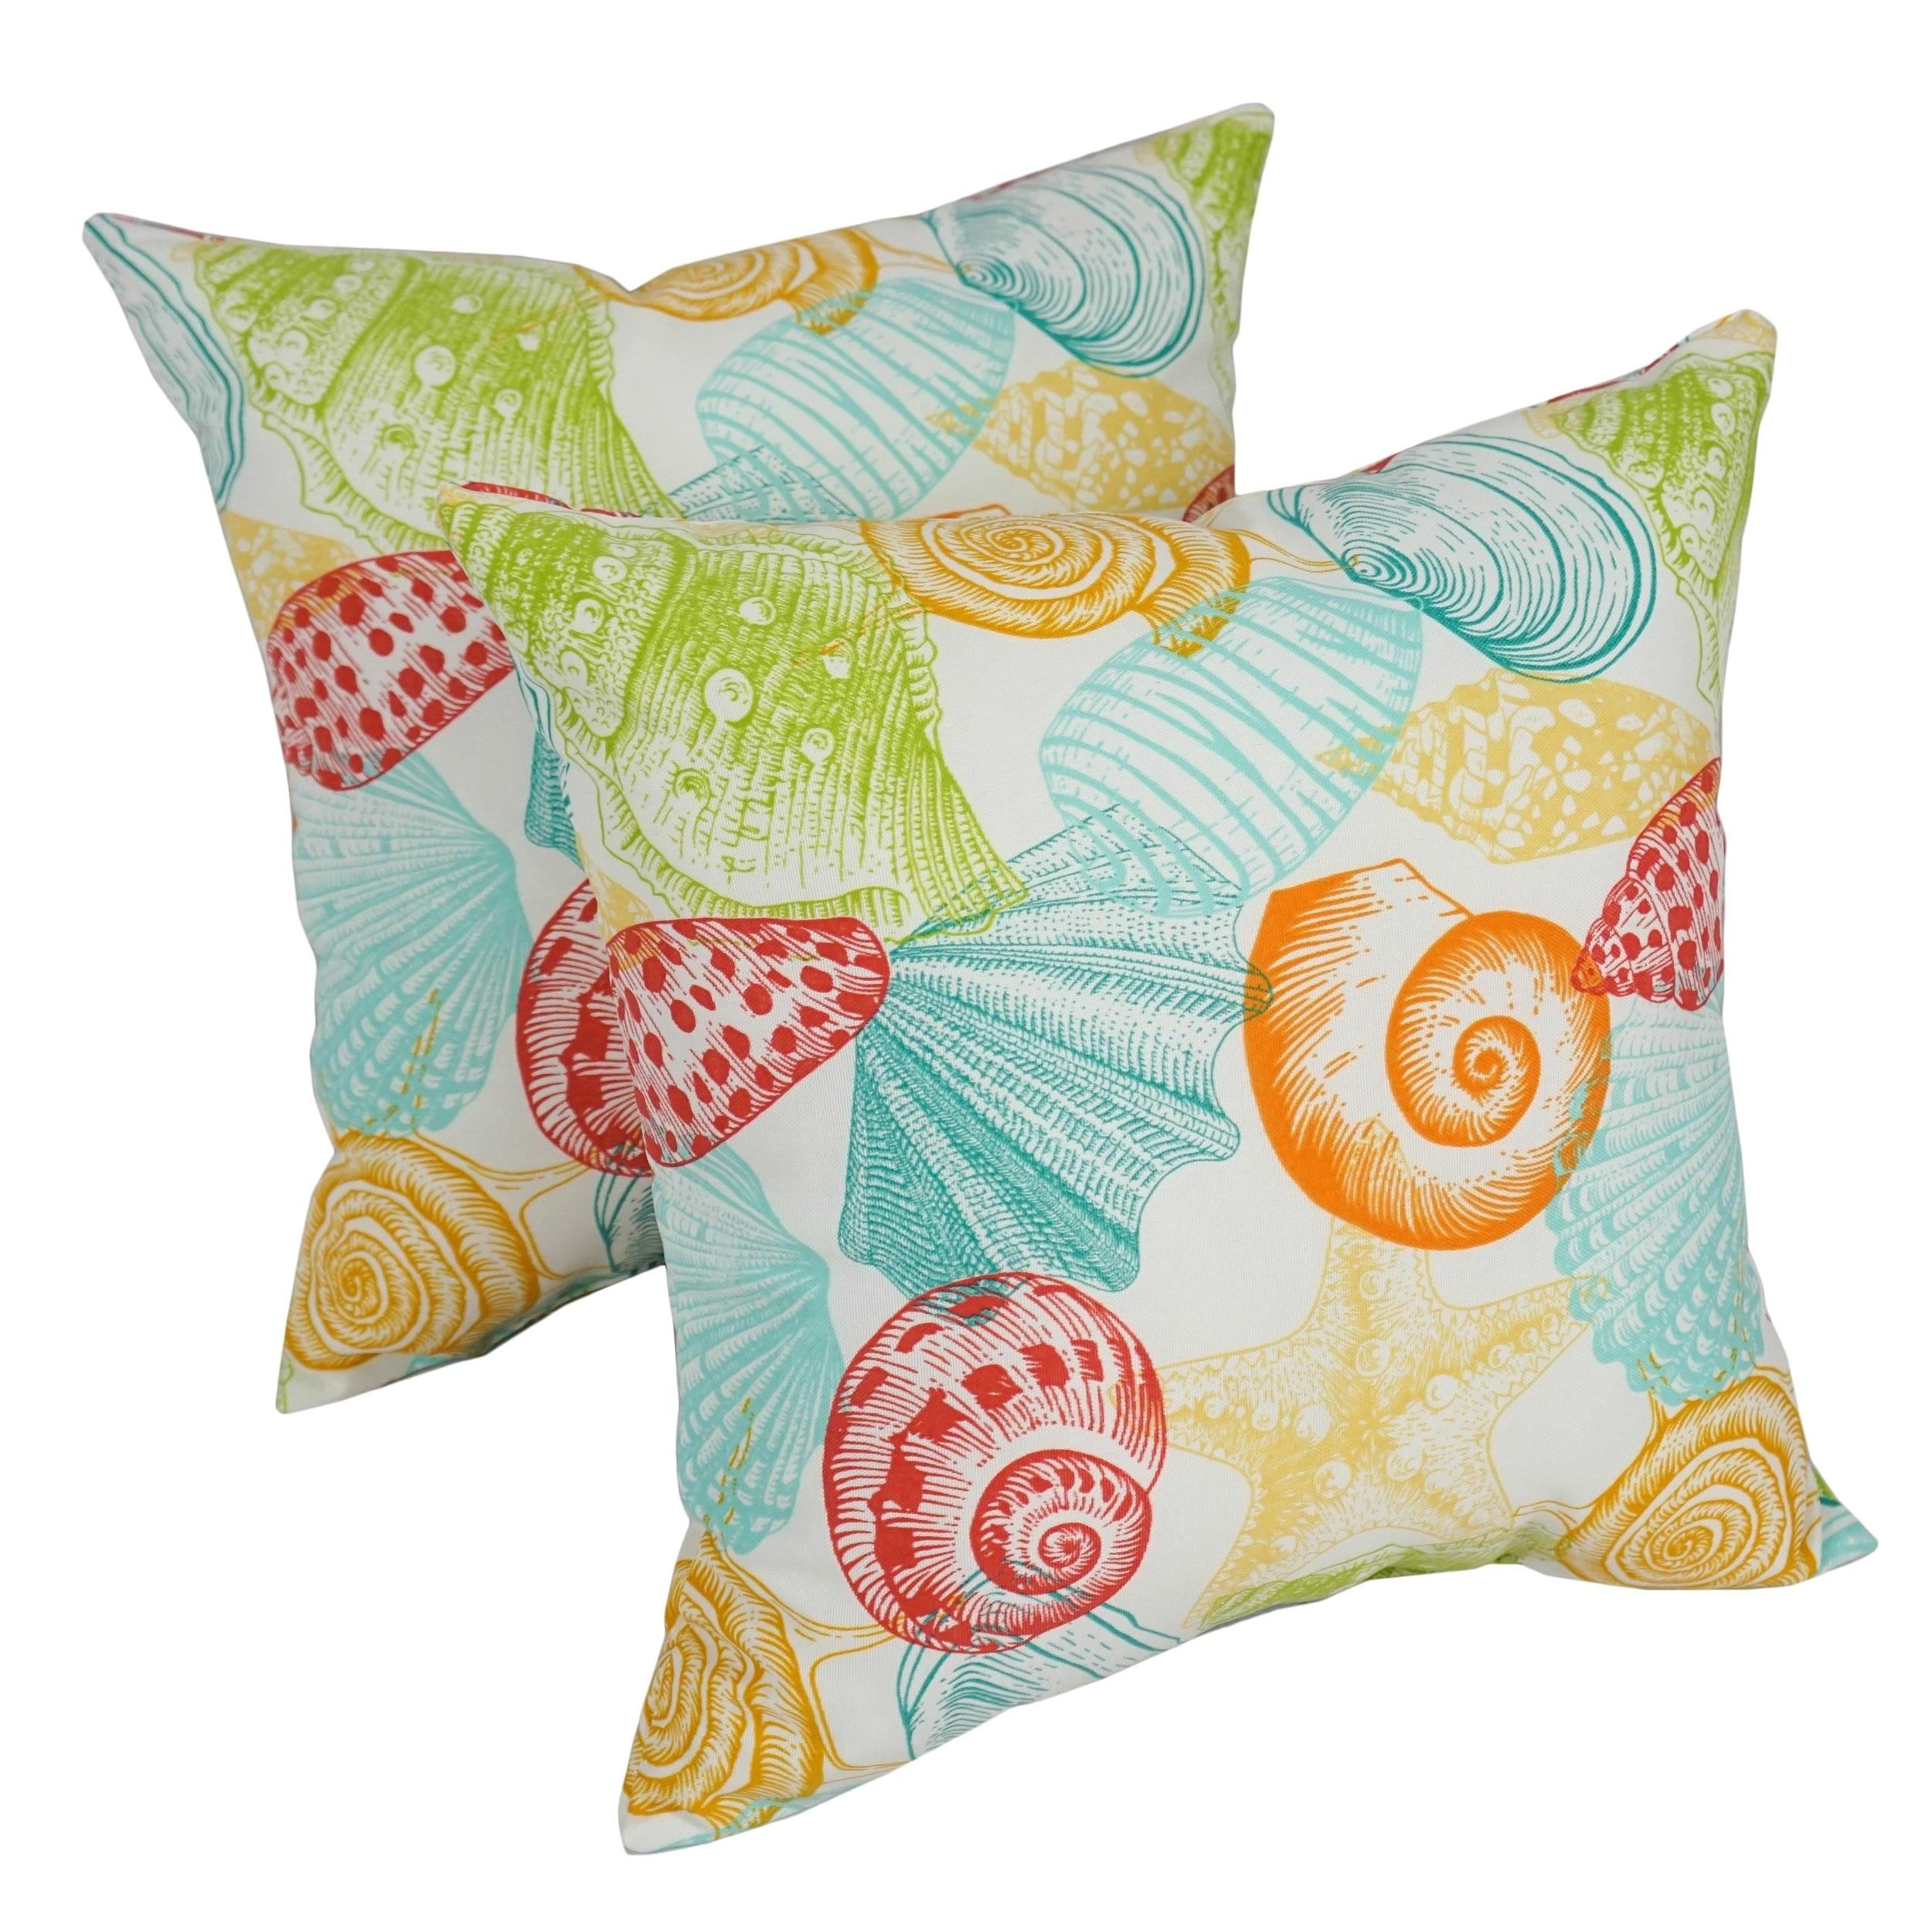 17 Inch Indoor Outdoor Throw Pillows